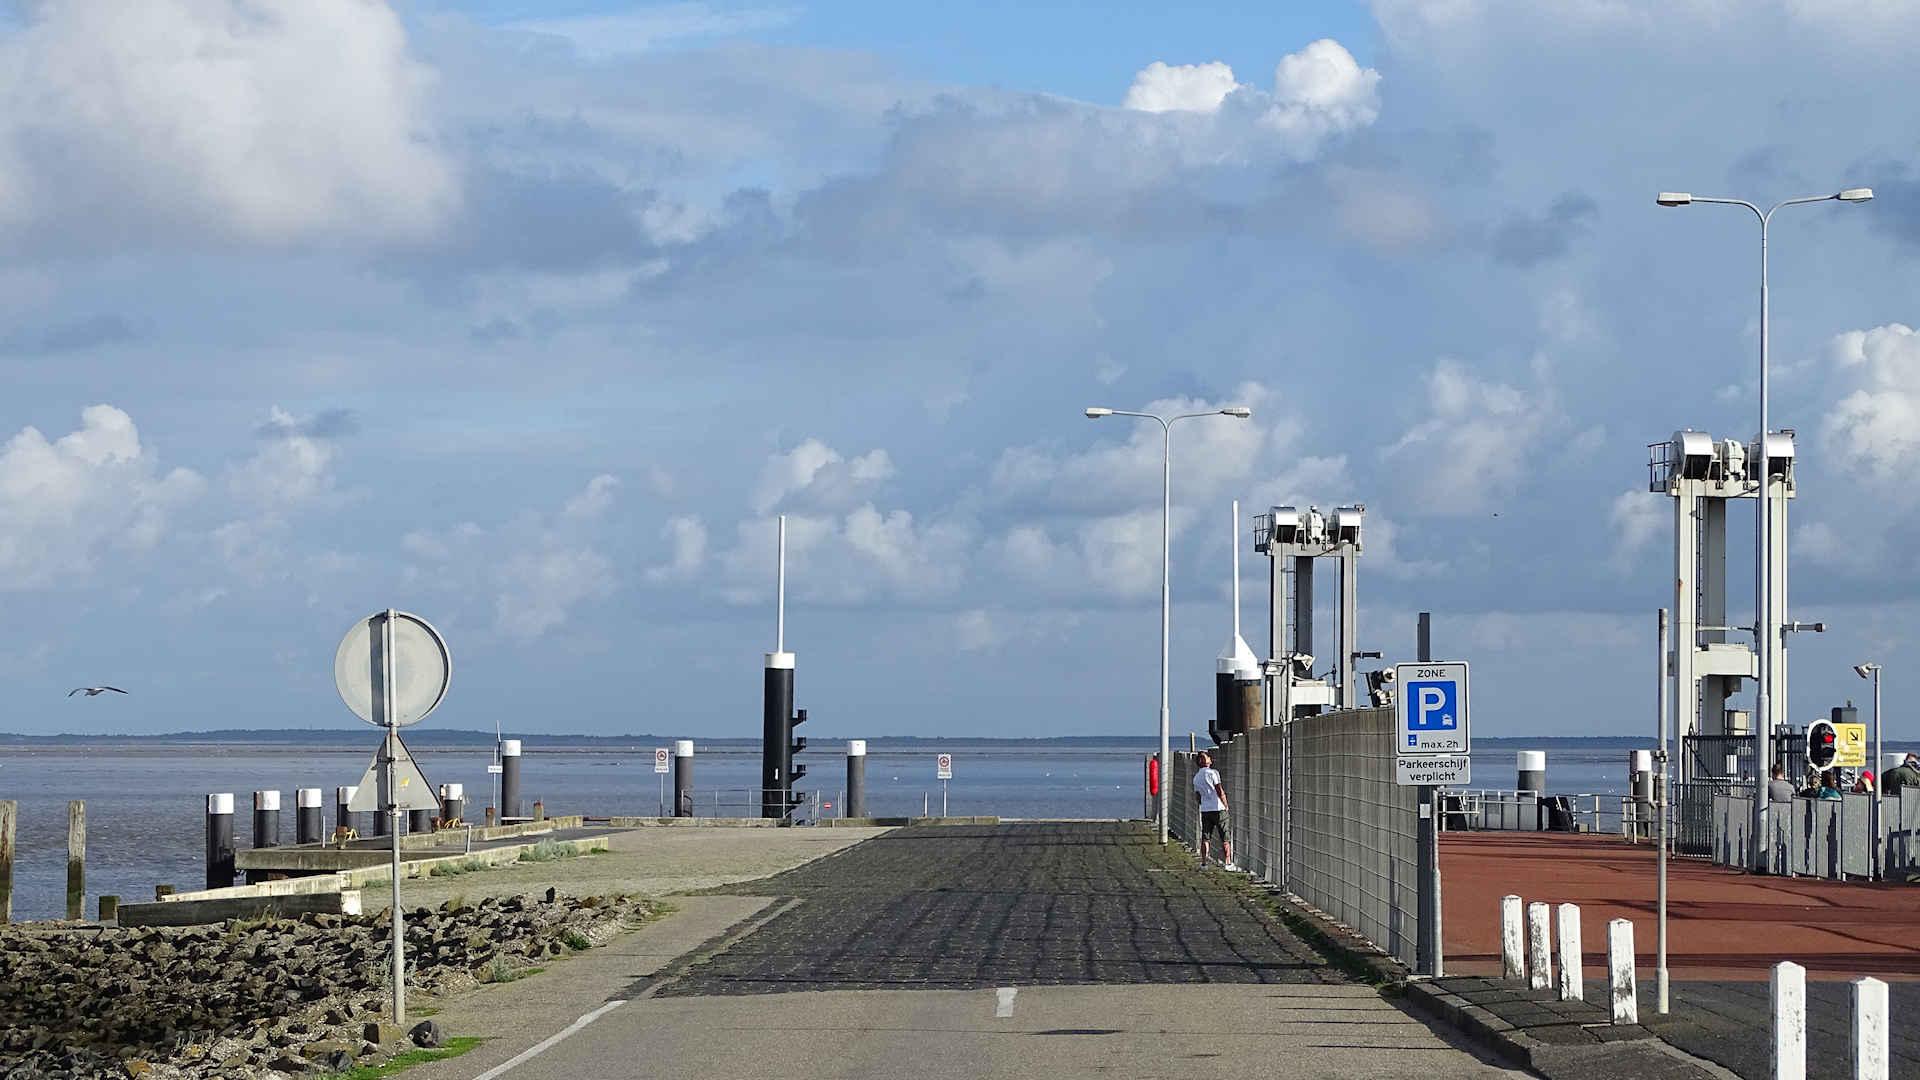 Vakantiebungalows Ameland - Wagenborg Passagiersdiensten